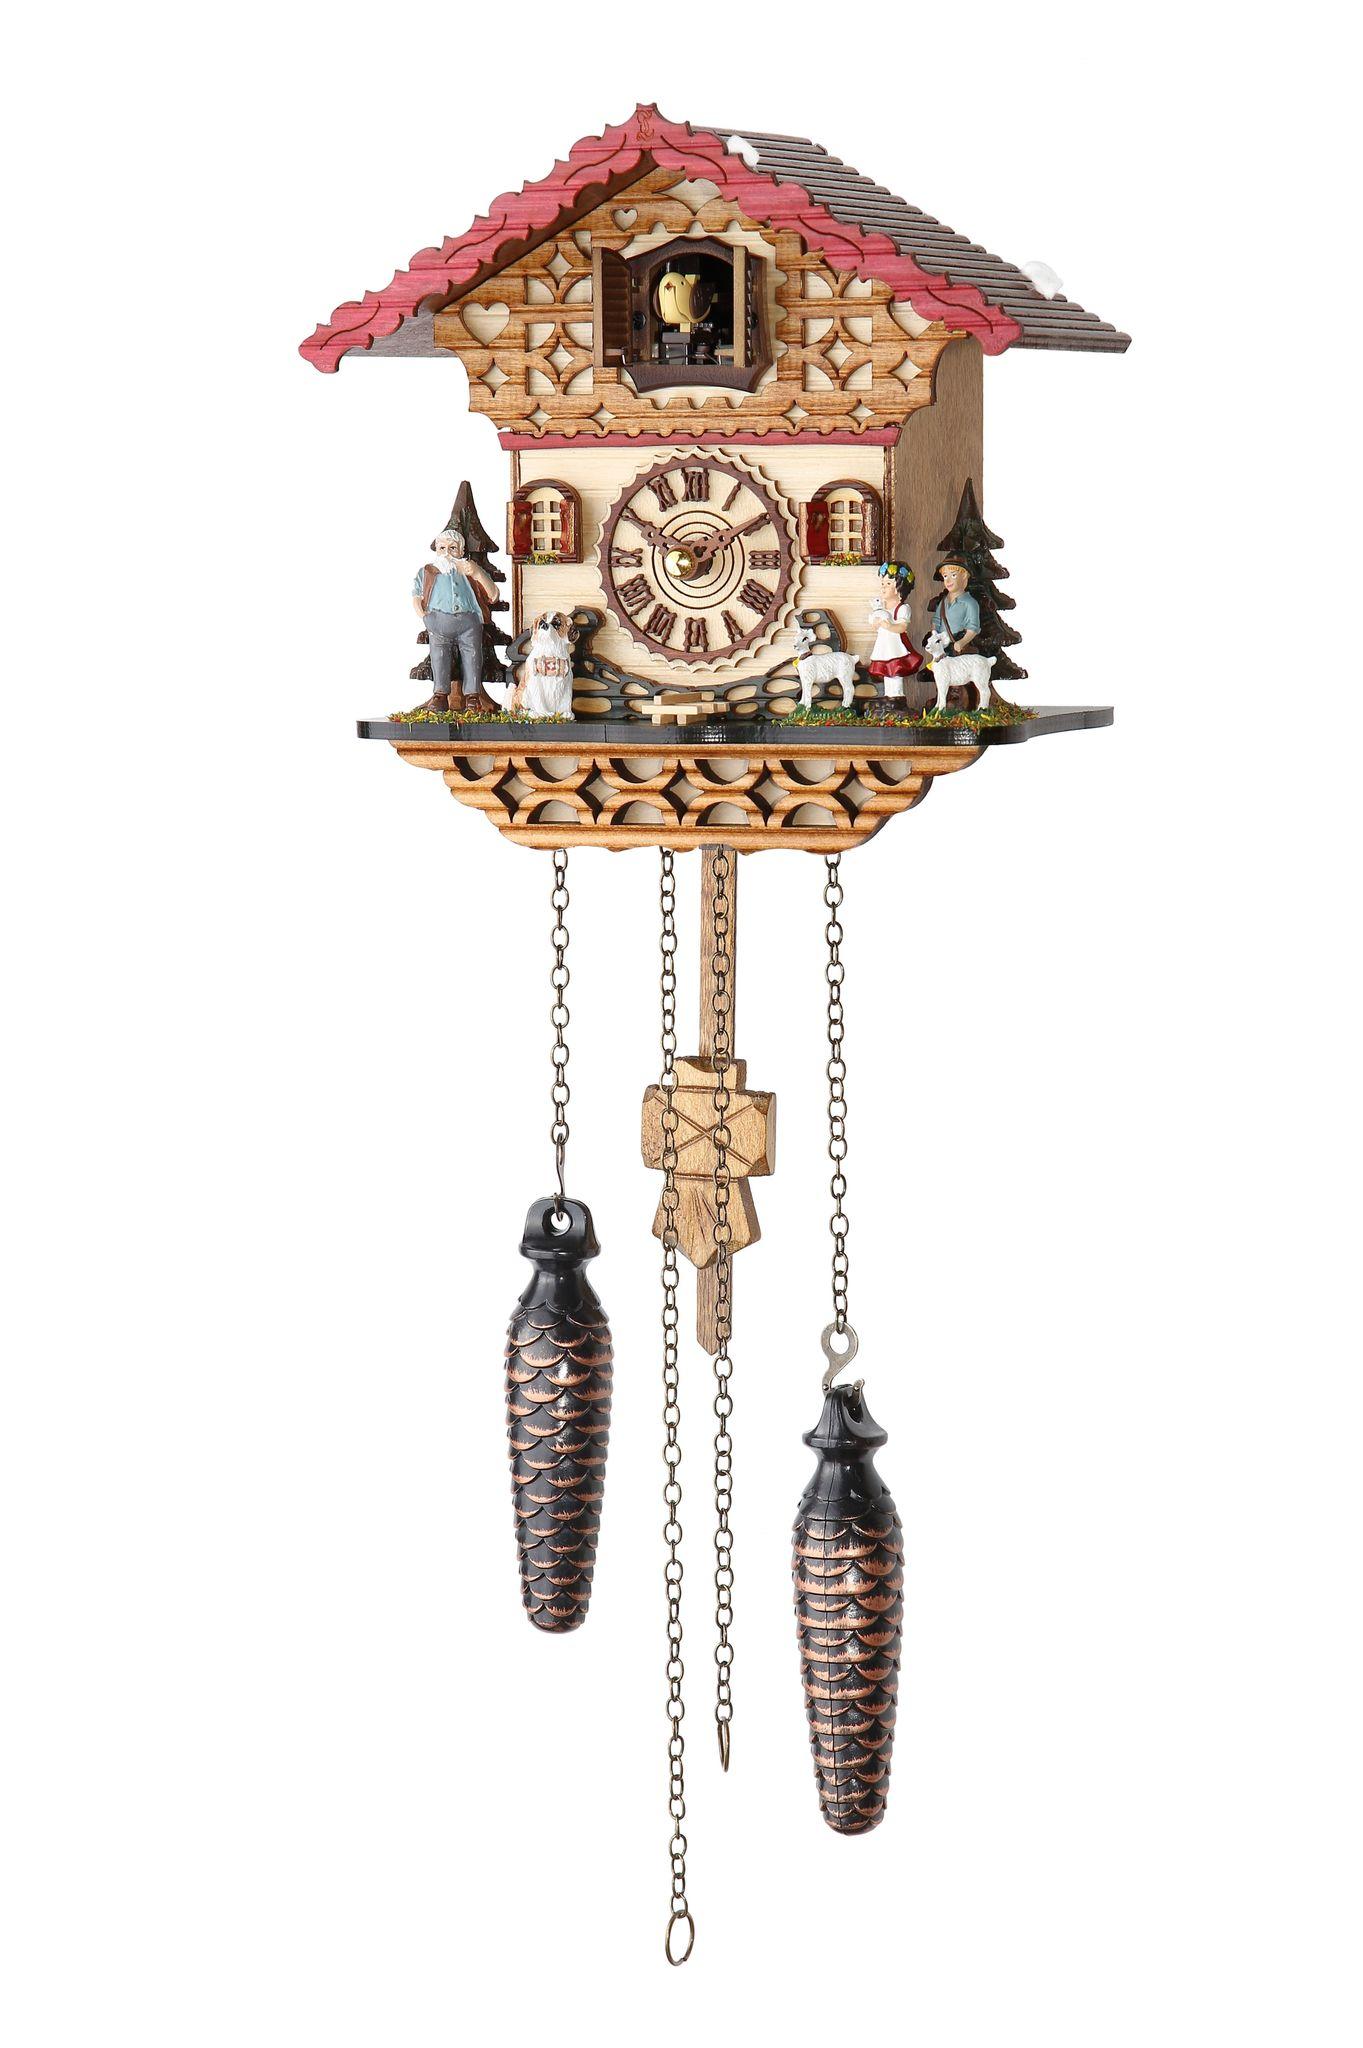 Часы настенные Часы настенные с кукушкой Trenkle 4228 QM chasy-nastennye-s-kukushkoy-trenkle-4228-qm-germaniya.jpg